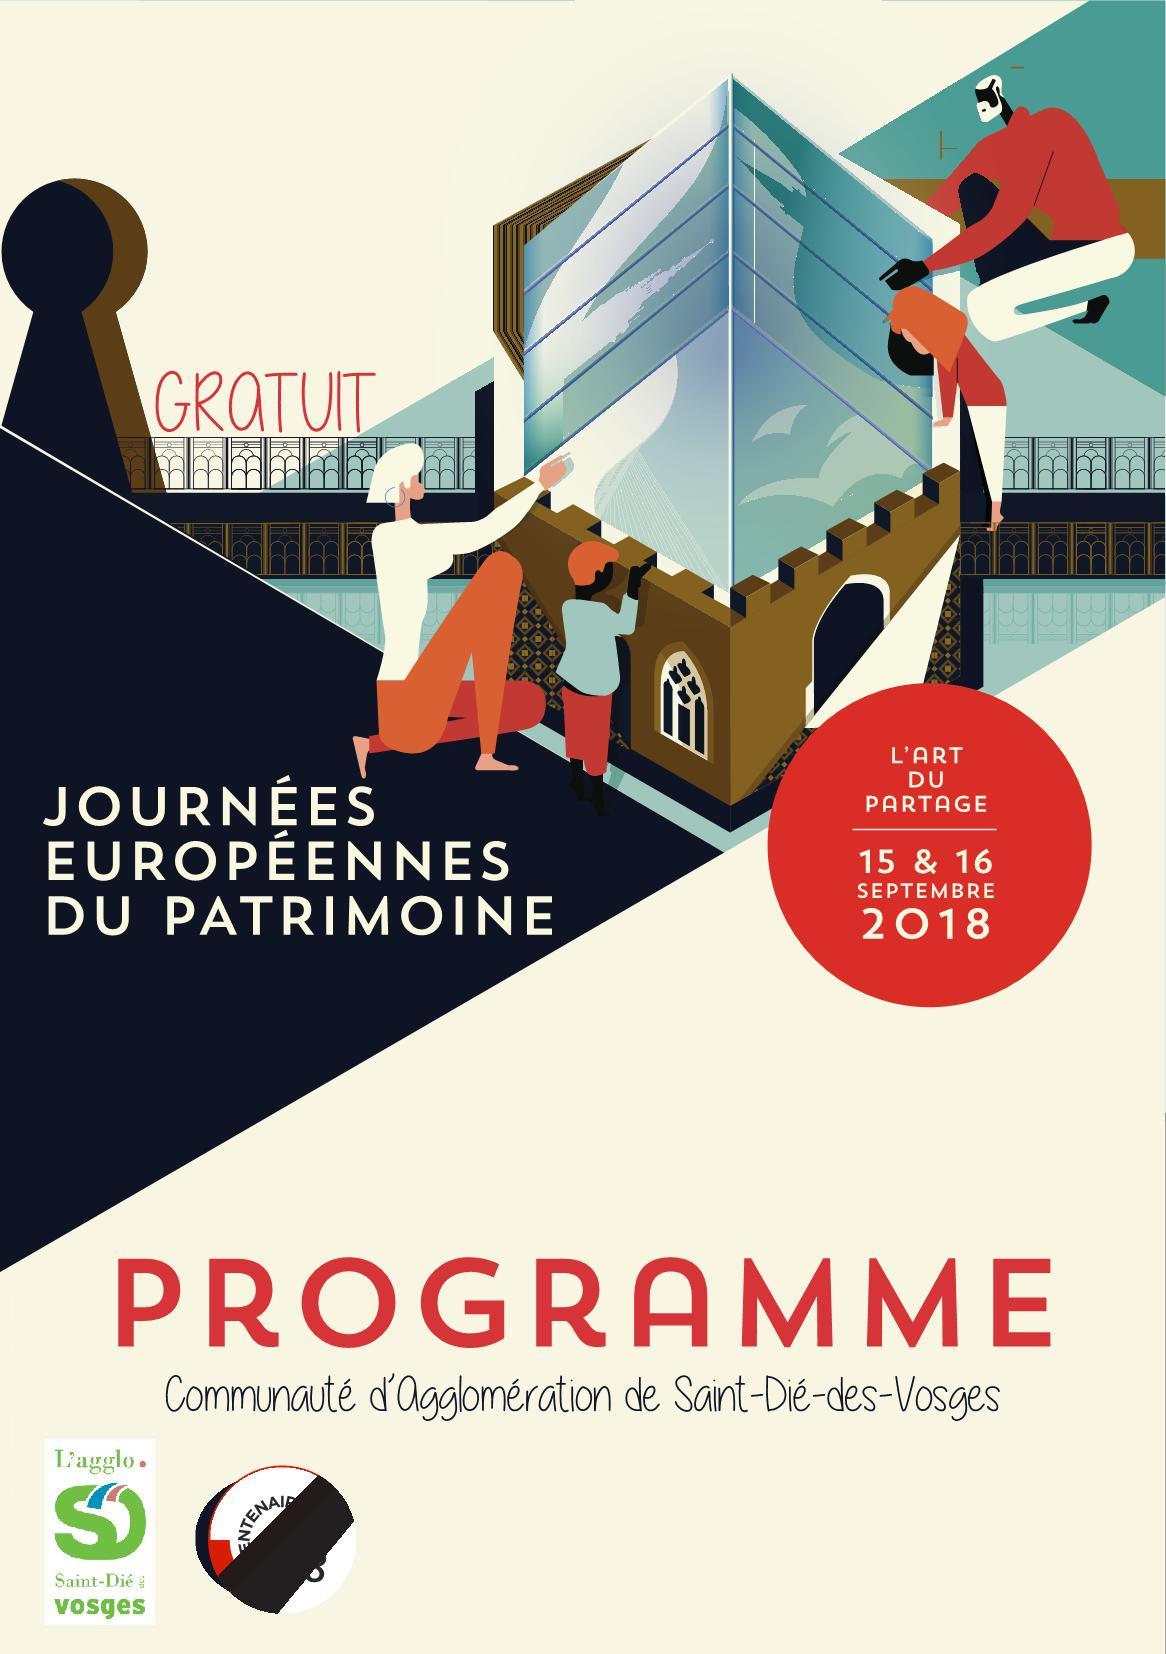 Programme Journées Patrimoine Saint-Dié-des-Vosges 2018